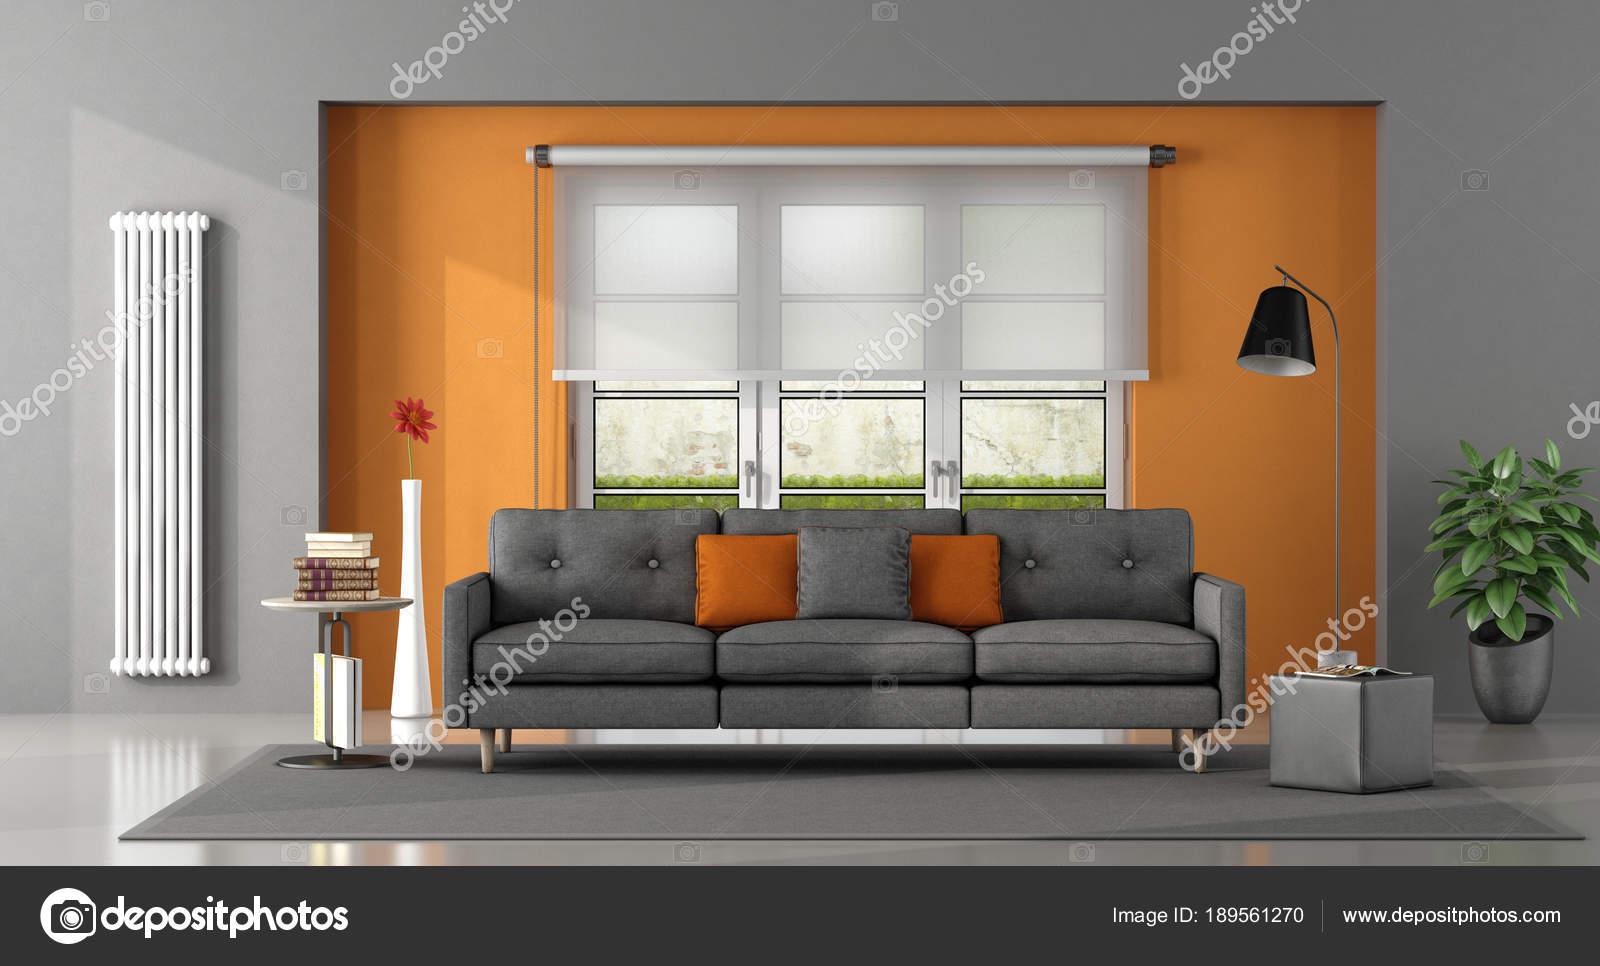 Grau orange Wohnzimmer — Stockfoto © archideaphoto #189561270